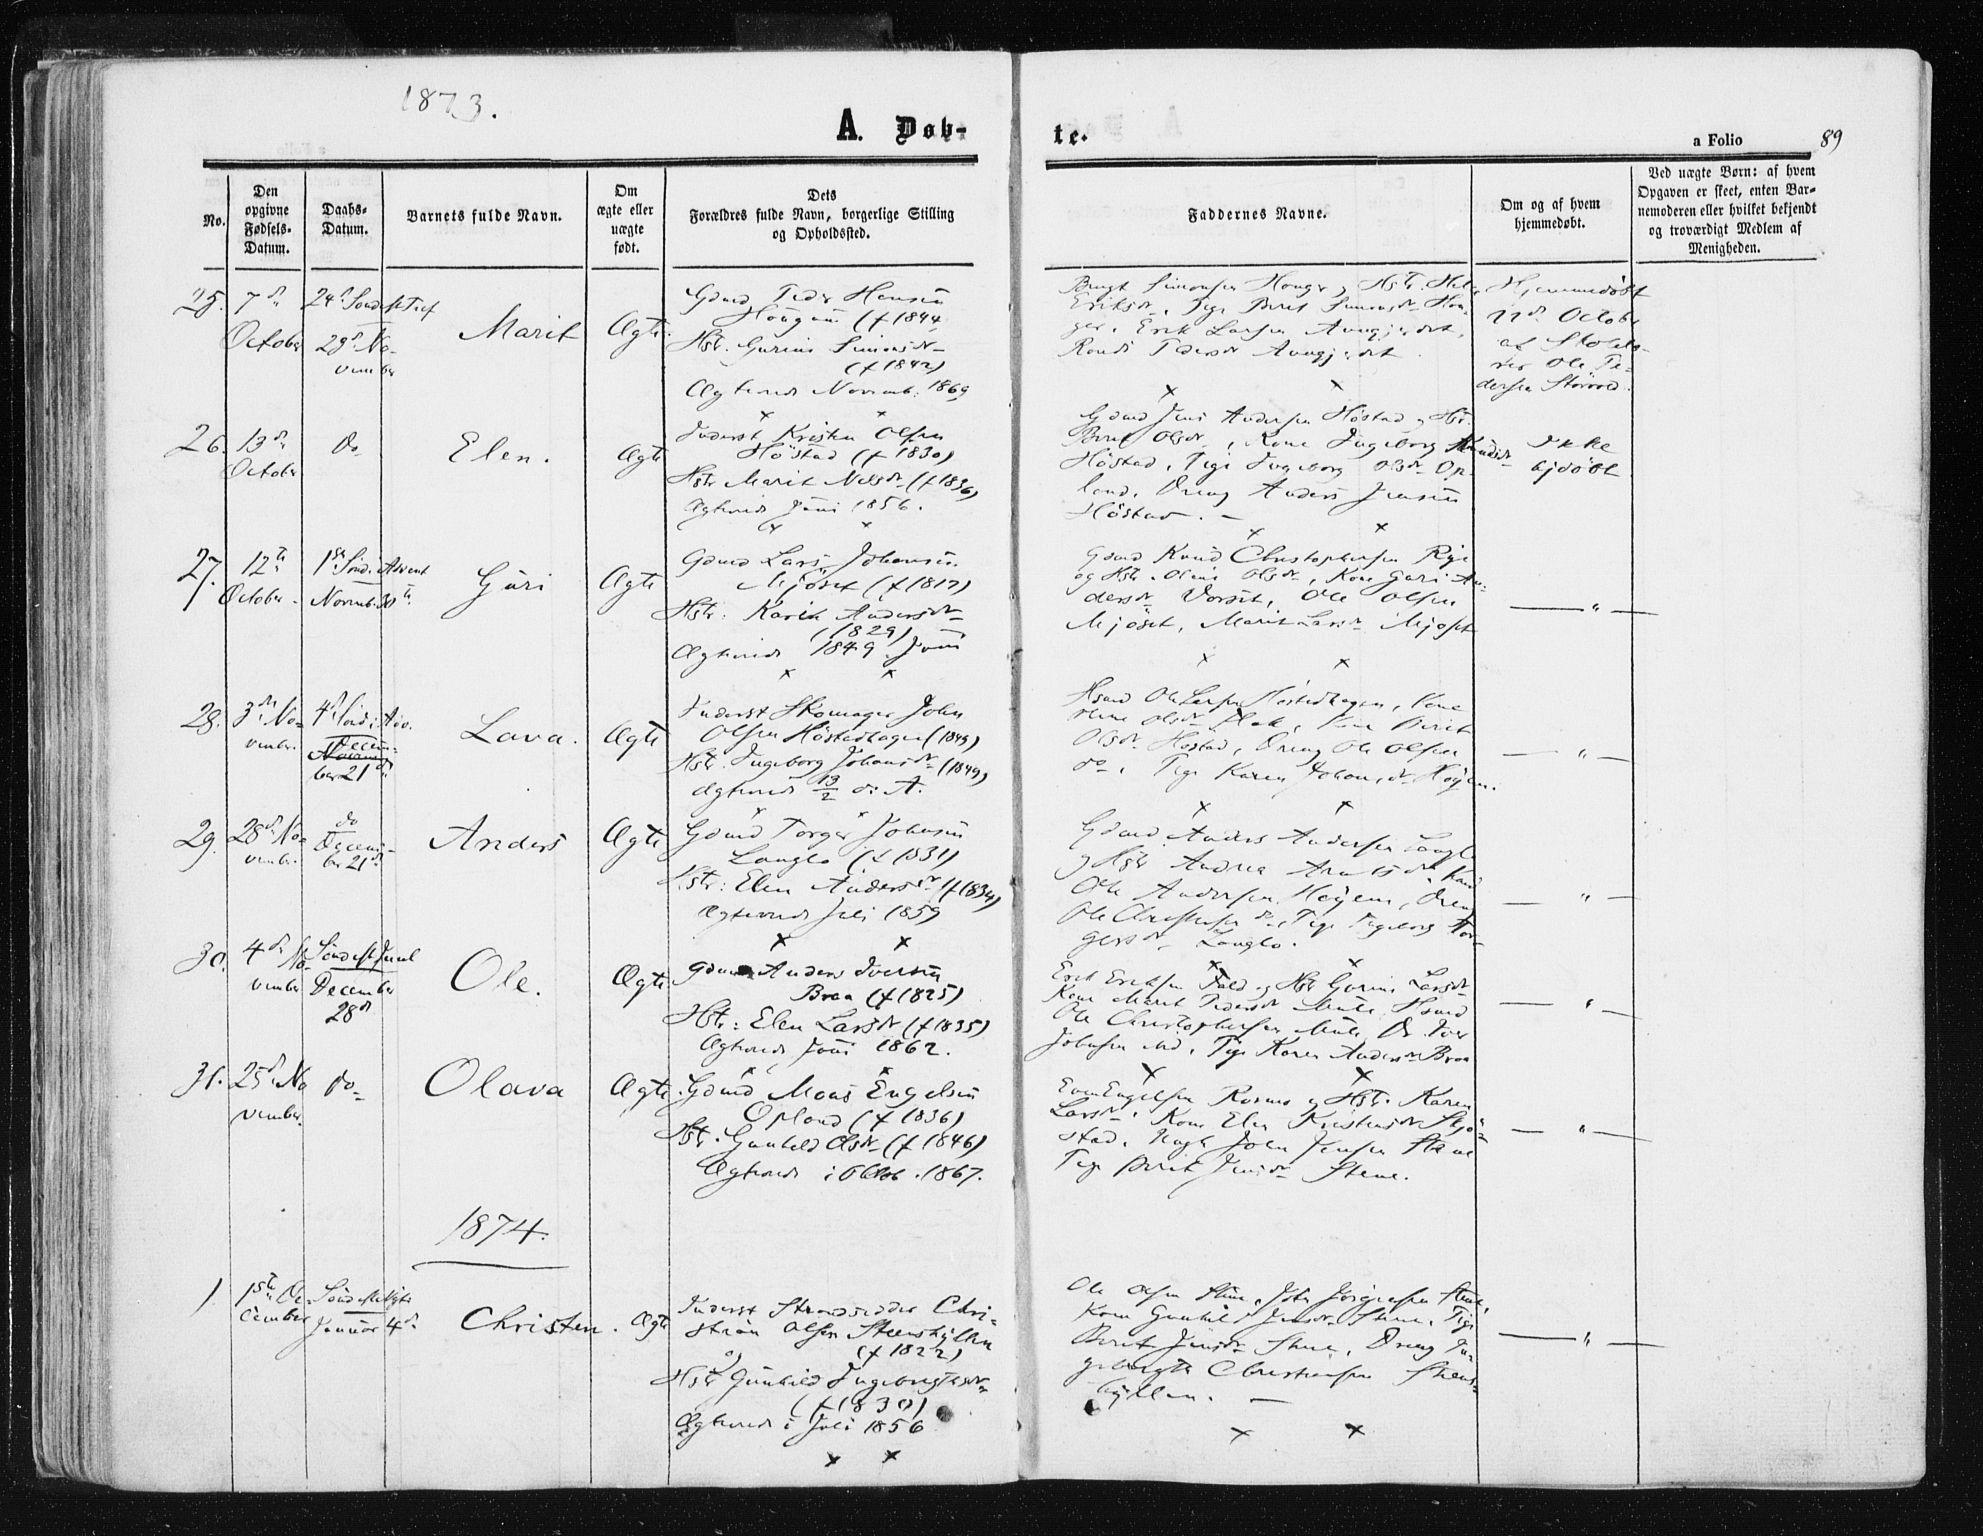 SAT, Ministerialprotokoller, klokkerbøker og fødselsregistre - Sør-Trøndelag, 612/L0377: Ministerialbok nr. 612A09, 1859-1877, s. 89